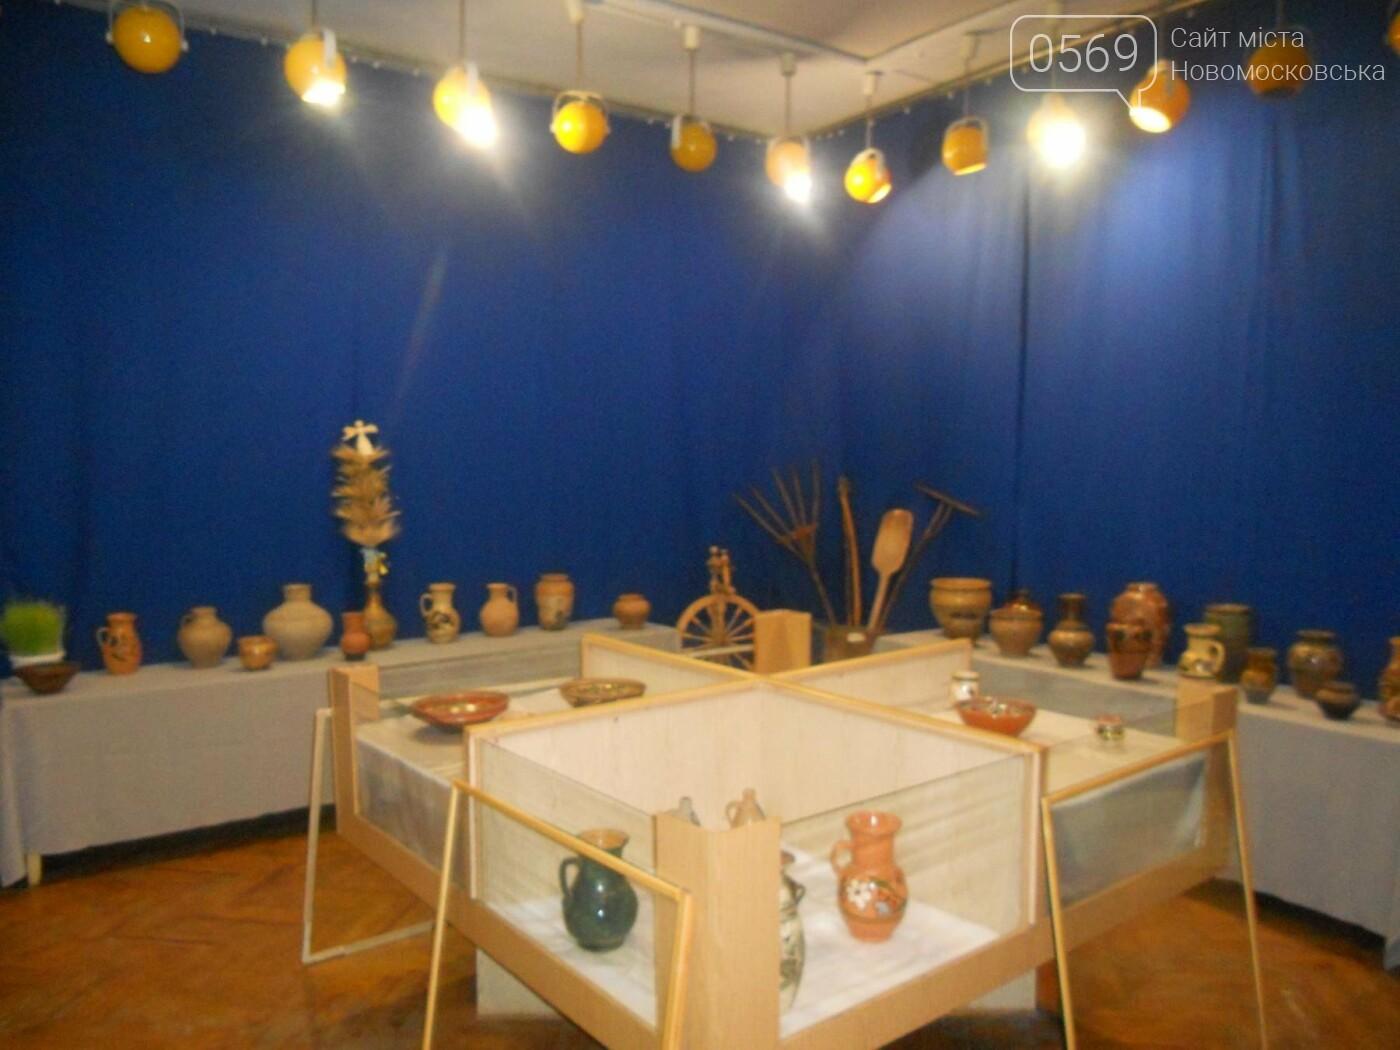 Новомосковський музей запрошує на нову виставку, фото-5